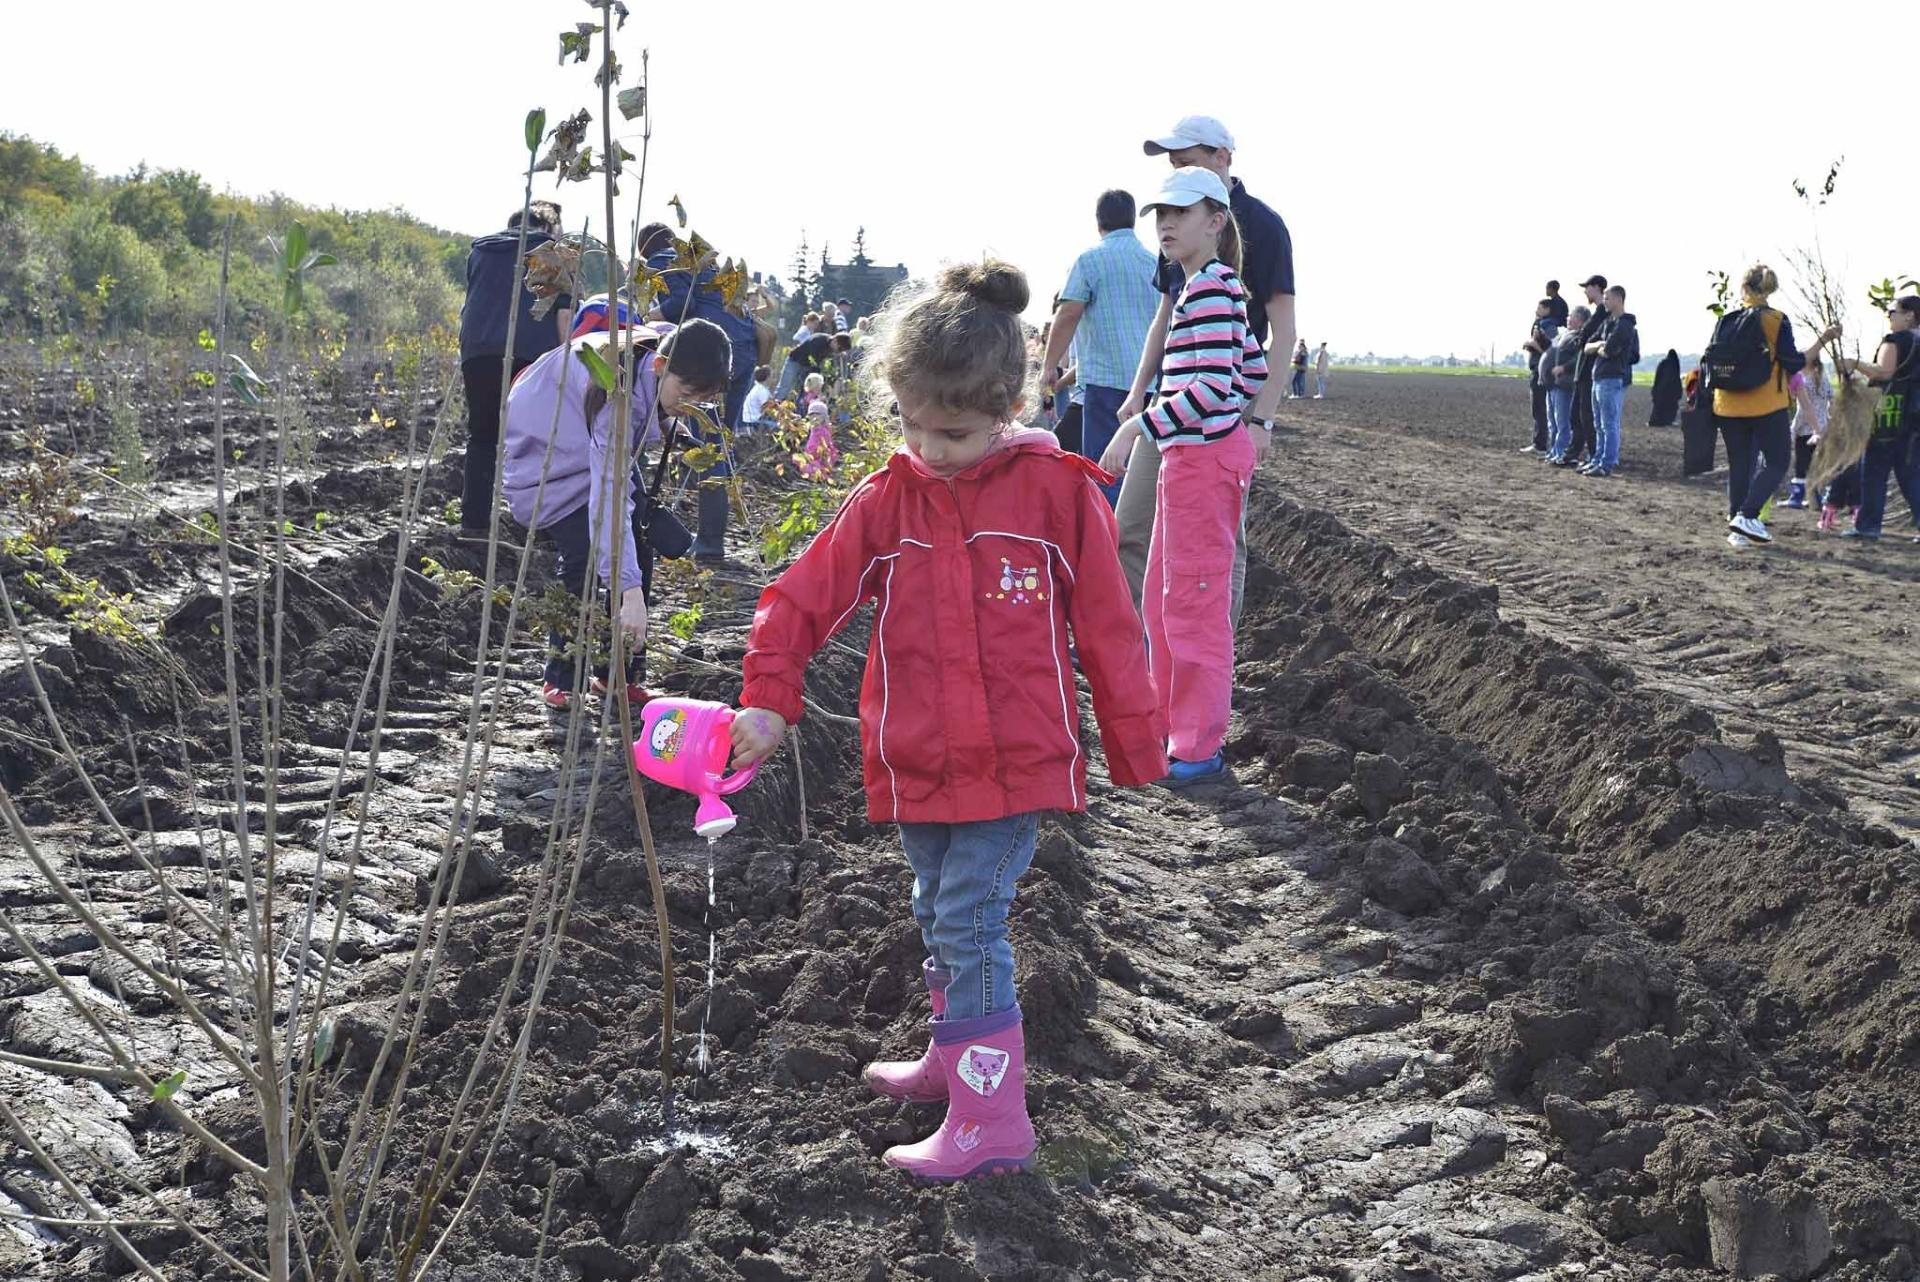 Djeca u Beču svake godine posade više od 10 000 stabala